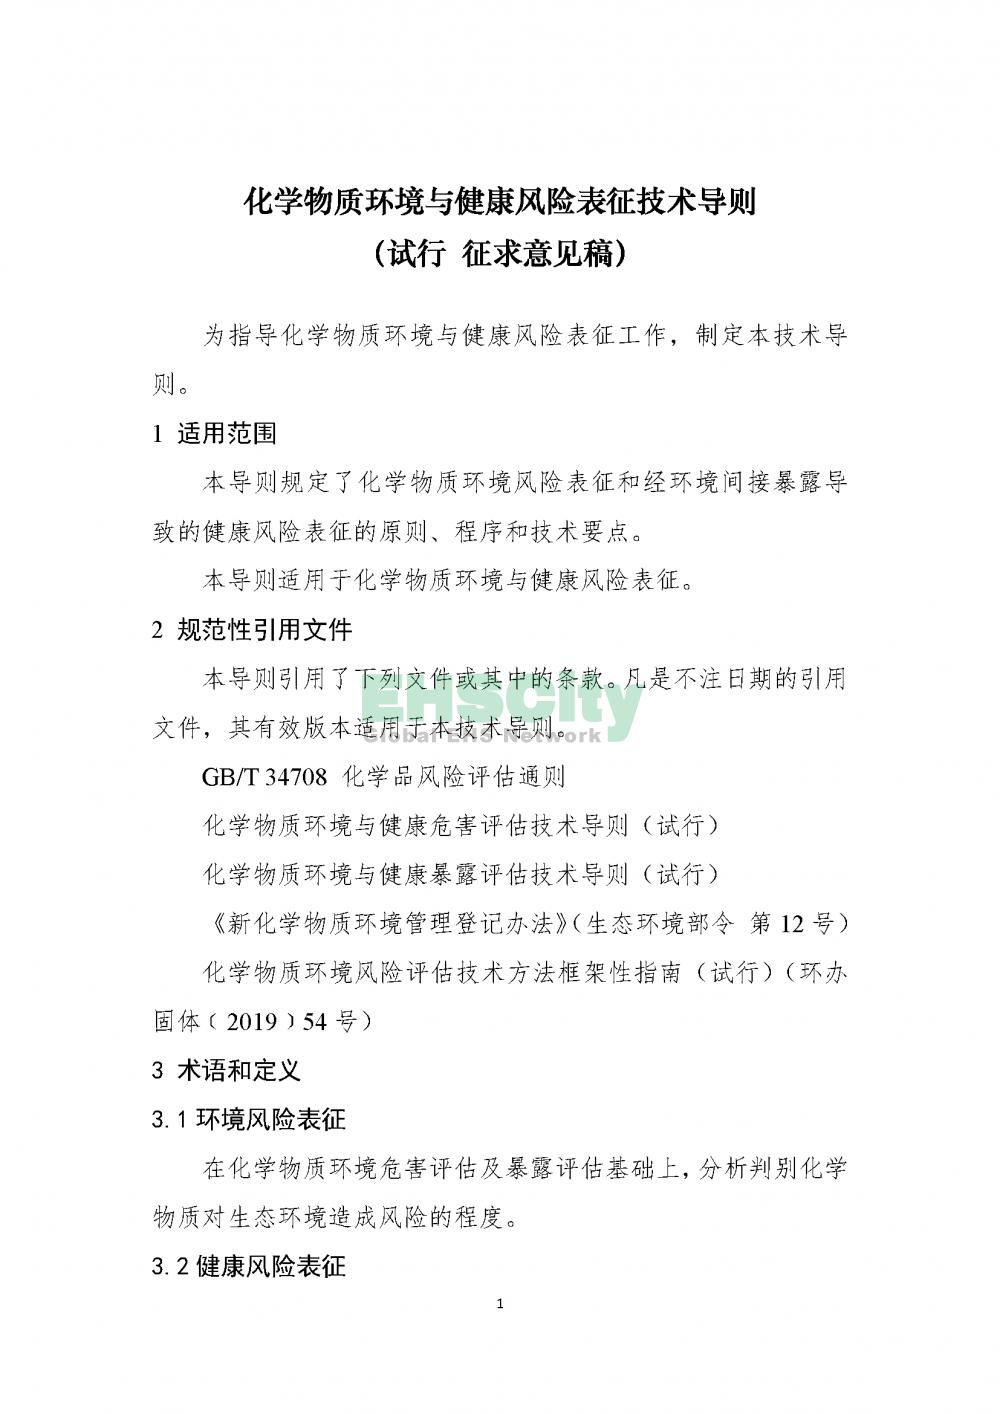 3化学物质环境与健康风险表征技术导则_页面_03